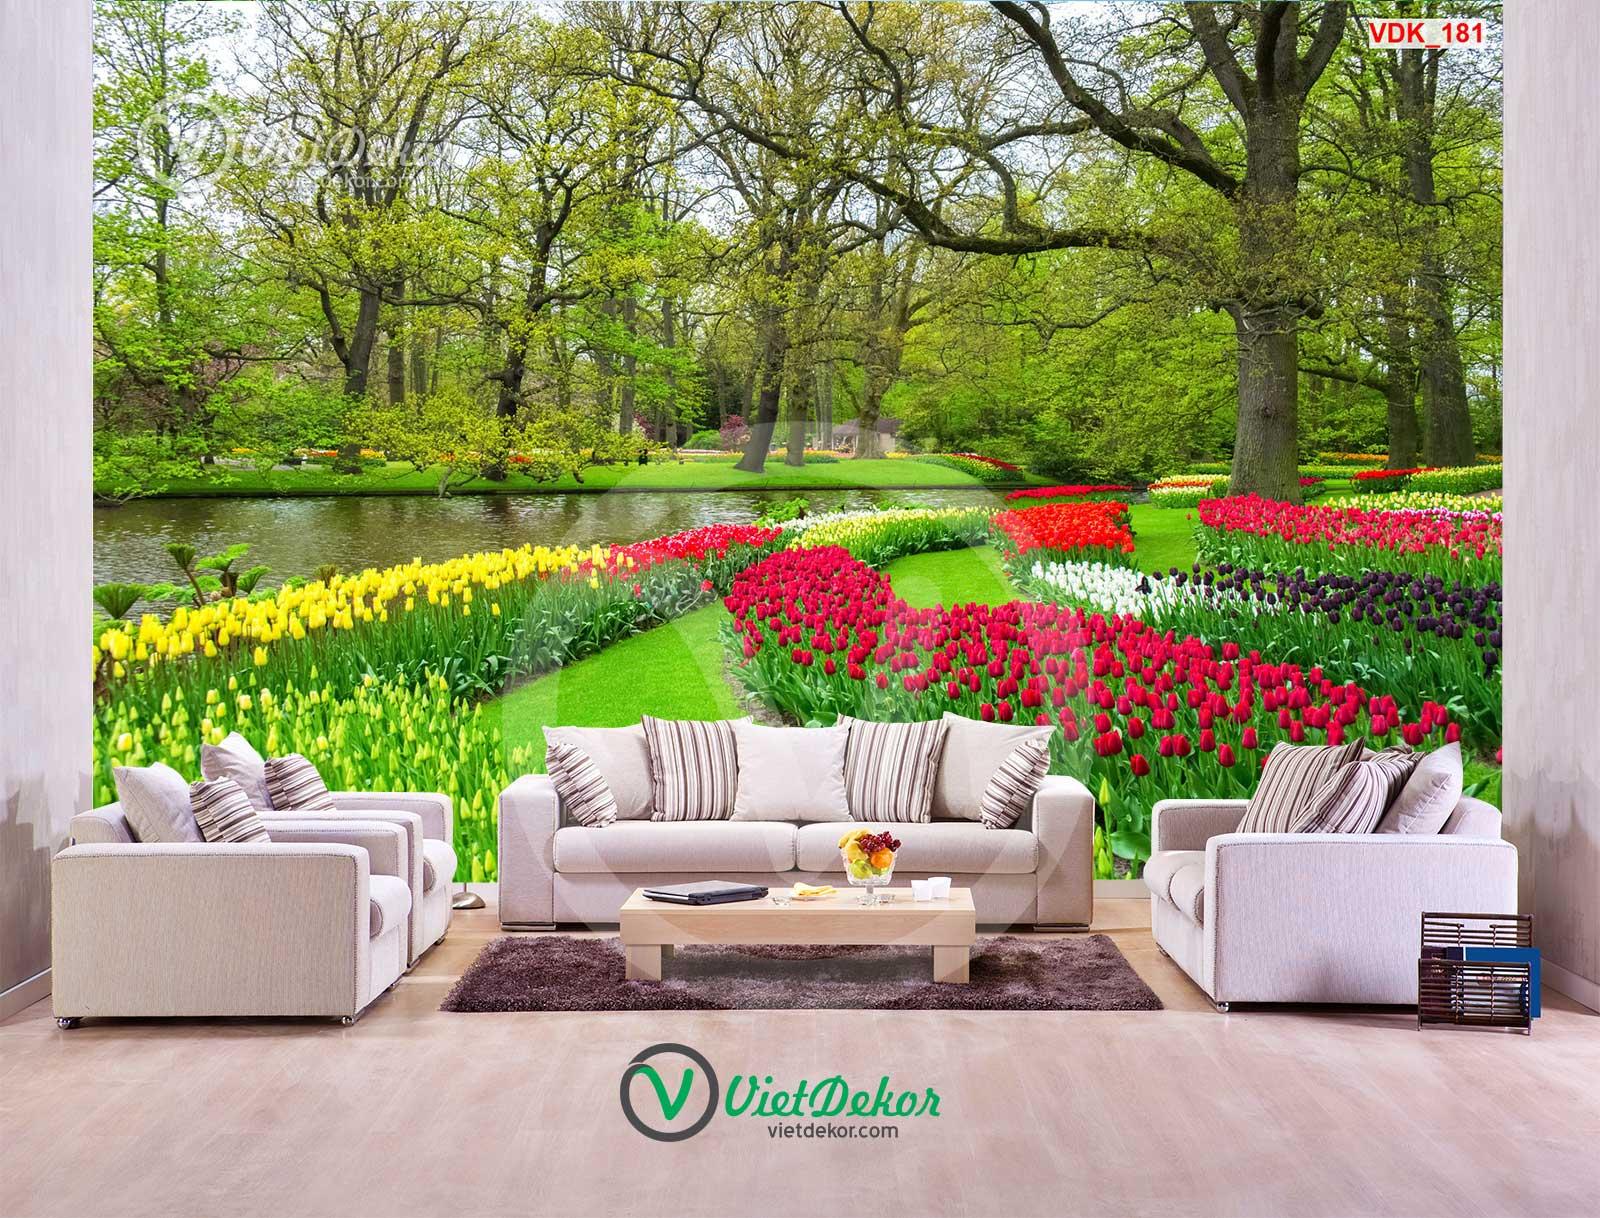 Tranh dán tường 3d rừng cây vườn hoa